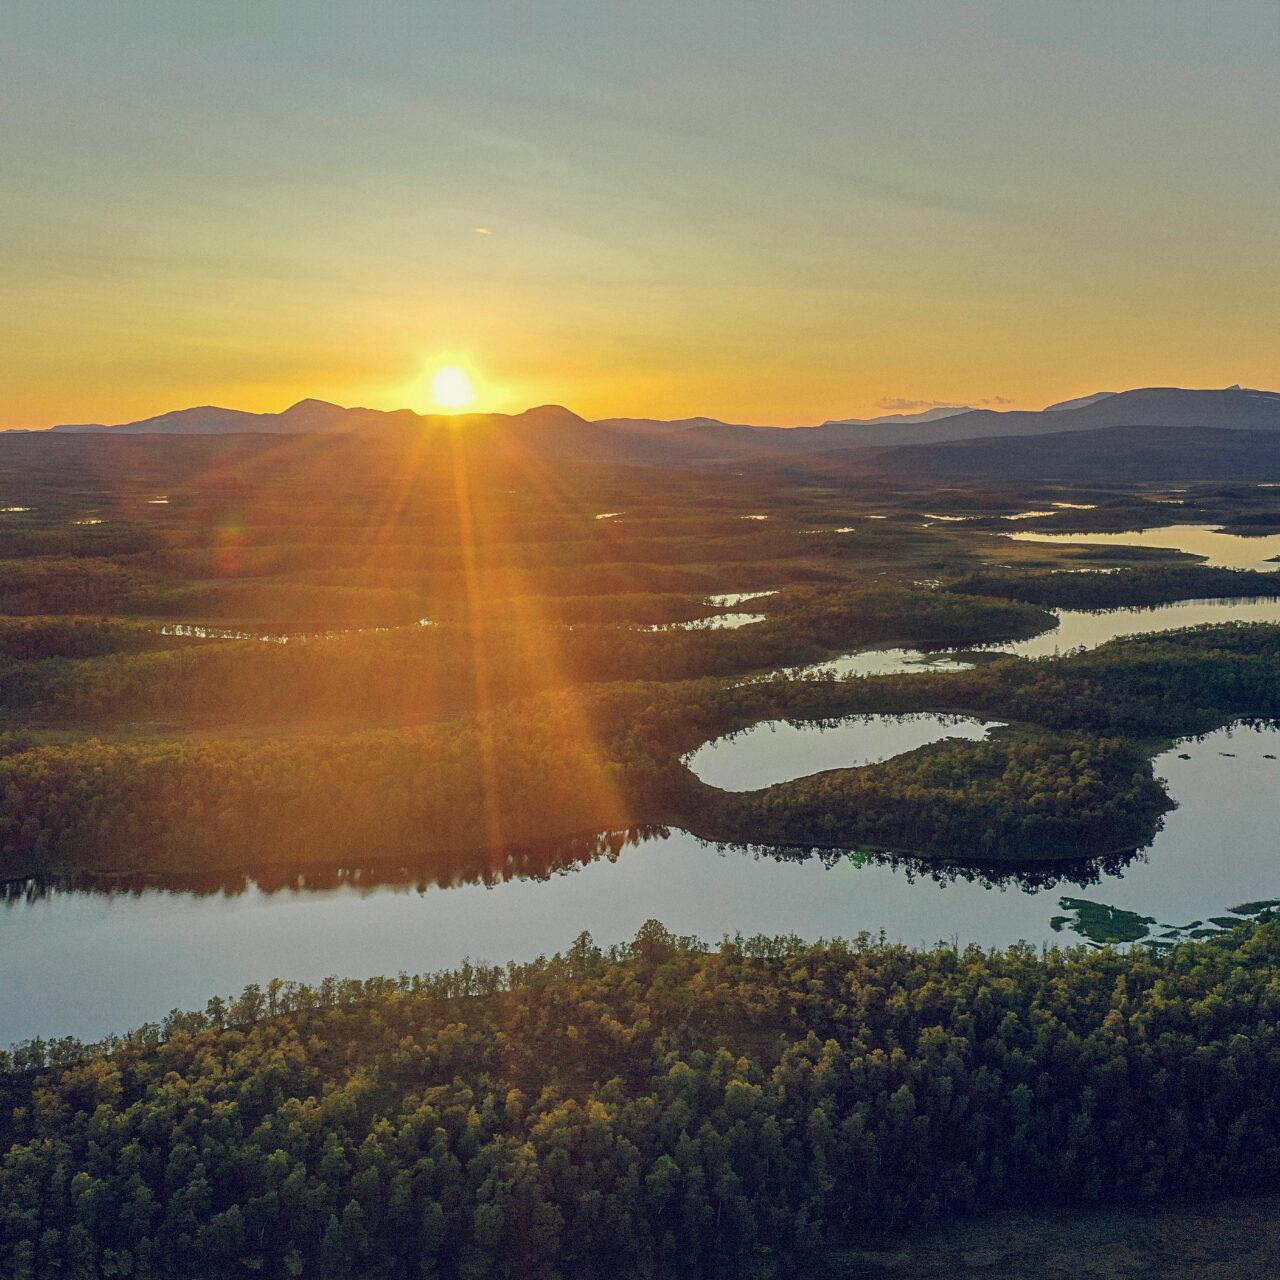 natur, solnedgång, landskap, insamling, bli medlem, marknad, sjöar, skymning, berg, skog, CTA